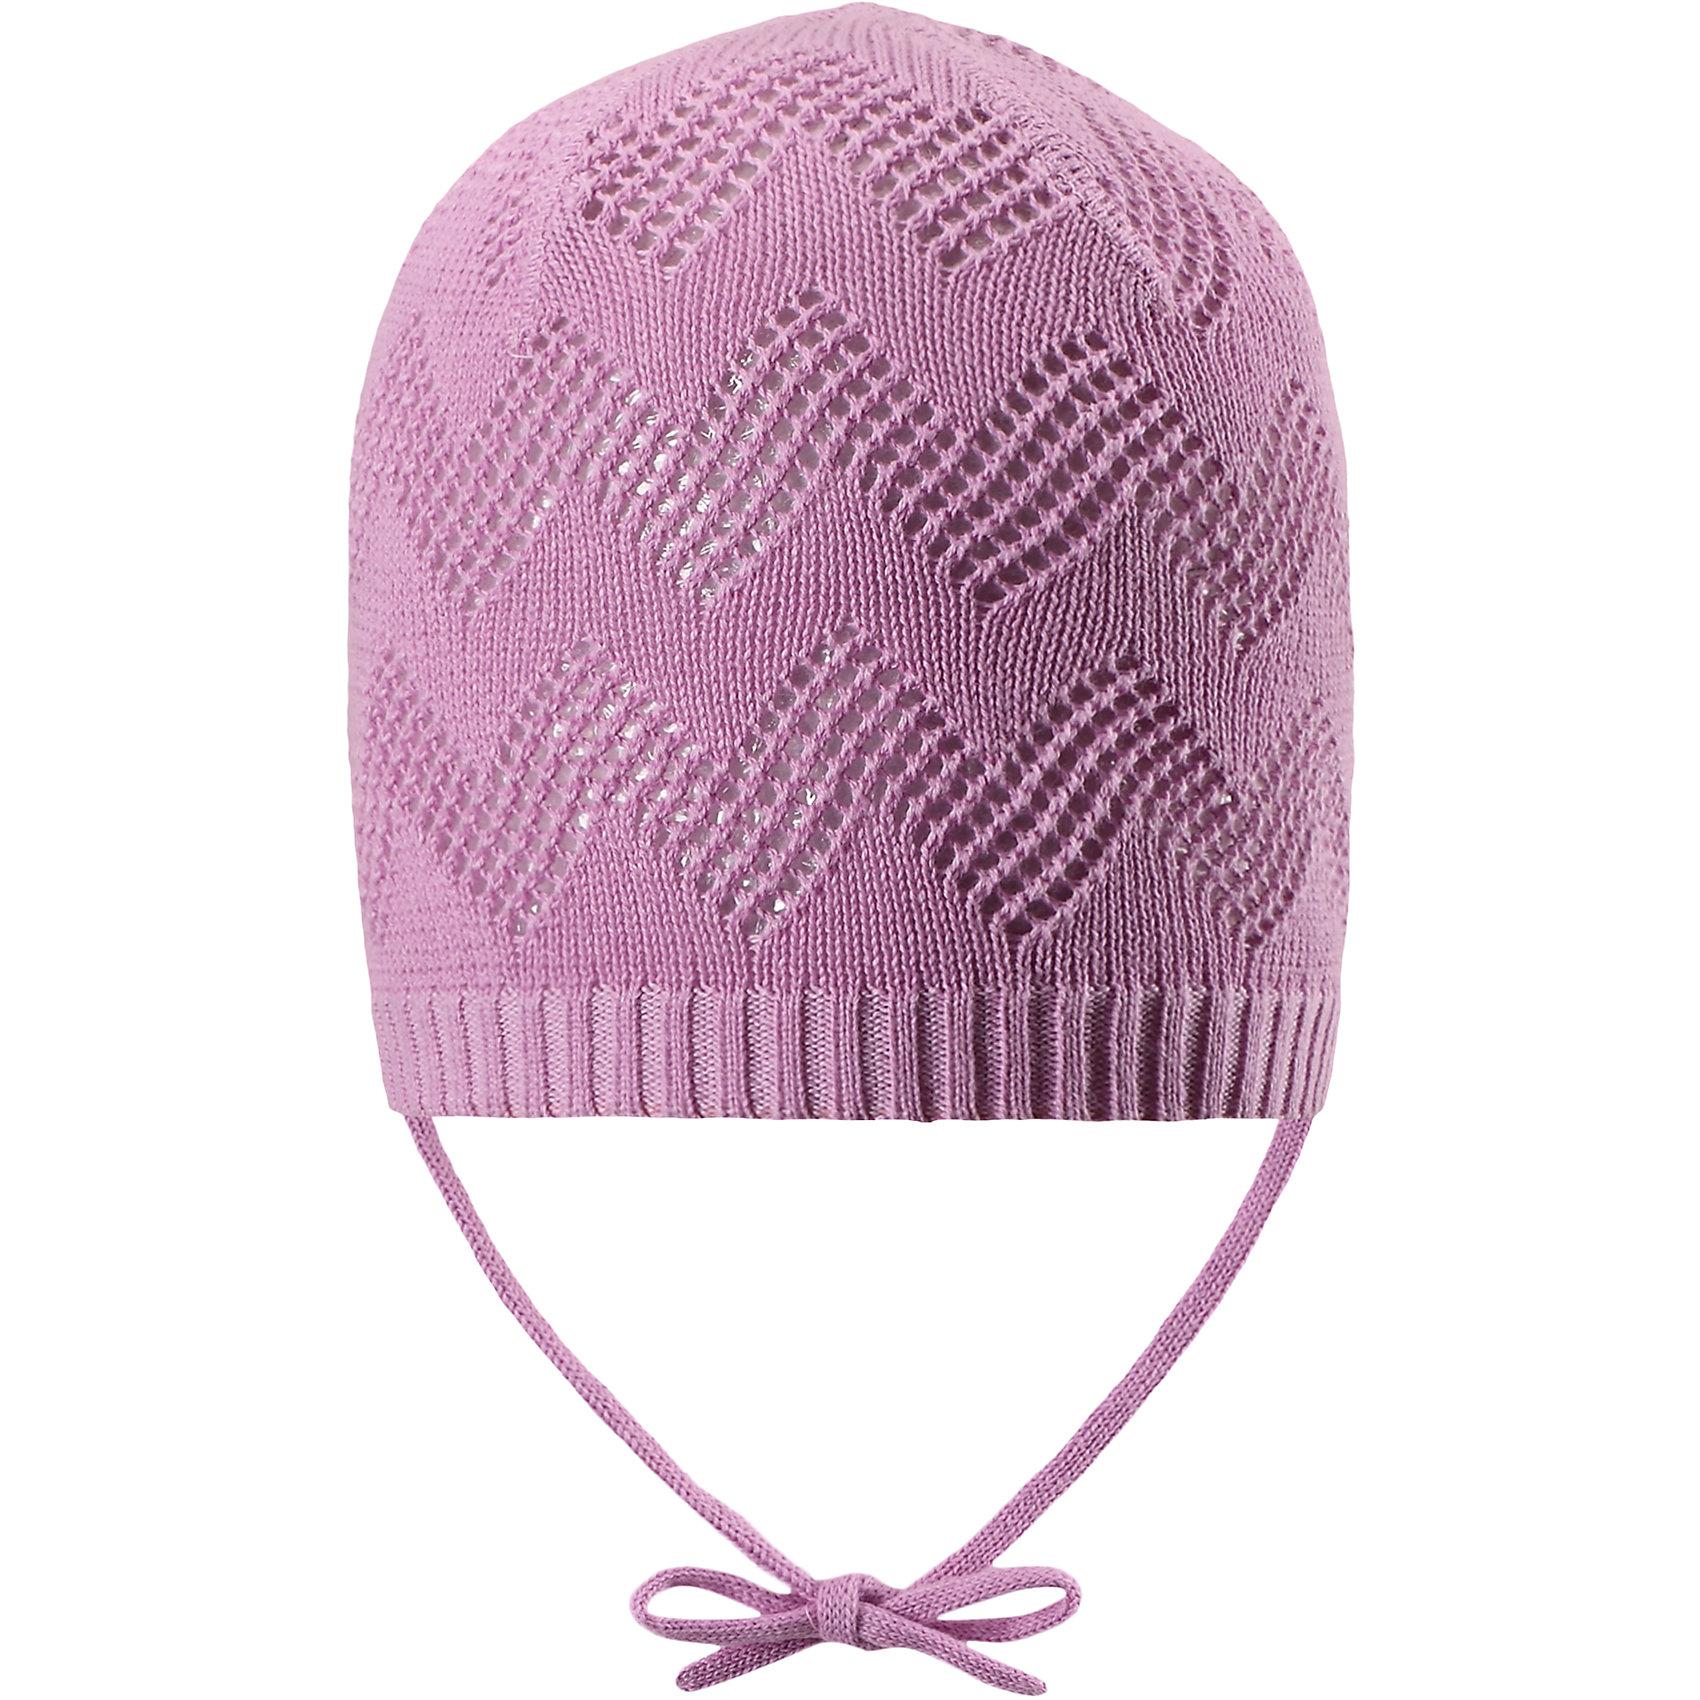 Шапка для девочки ReimaШапки и шарфы<br>Характеристики товара:<br><br>• цвет: сиреневый<br>• состав: 100% хлопок<br>• облегчённая модель без подкладки<br>• температурный режим: от +10С<br>• эластичный хлопковый трикотаж<br>• изделие сертифицированно по стандарту Oeko-Tex на продукцию класса 1 - одежда для новорождённых<br>• завязки во всех размерах<br>• эмблема Reima сзади<br>• ажурный узор<br>• страна бренда: Финляндия<br>• страна производства: Китай<br><br>Детский головной убор может быть модным и удобным одновременно! Стильная шапка поможет обеспечить ребенку комфорт и дополнить наряд. Шапка удобно сидит и аккуратно выглядит. Проста в уходе, долго служит. Стильный дизайн разрабатывался специально для детей. Отличная защита от дождя и ветра!<br><br>Уход:<br><br>• стирать по отдельности, вывернув наизнанку<br>• придать первоначальную форму вo влажном виде<br>• возможна усадка 5 %.<br><br>Шапку для девочки от финского бренда Reima (Рейма) можно купить в нашем интернет-магазине.<br><br>Ширина мм: 89<br>Глубина мм: 117<br>Высота мм: 44<br>Вес г: 155<br>Цвет: розовый<br>Возраст от месяцев: 6<br>Возраст до месяцев: 9<br>Пол: Женский<br>Возраст: Детский<br>Размер: 46,48,50,52<br>SKU: 5270921